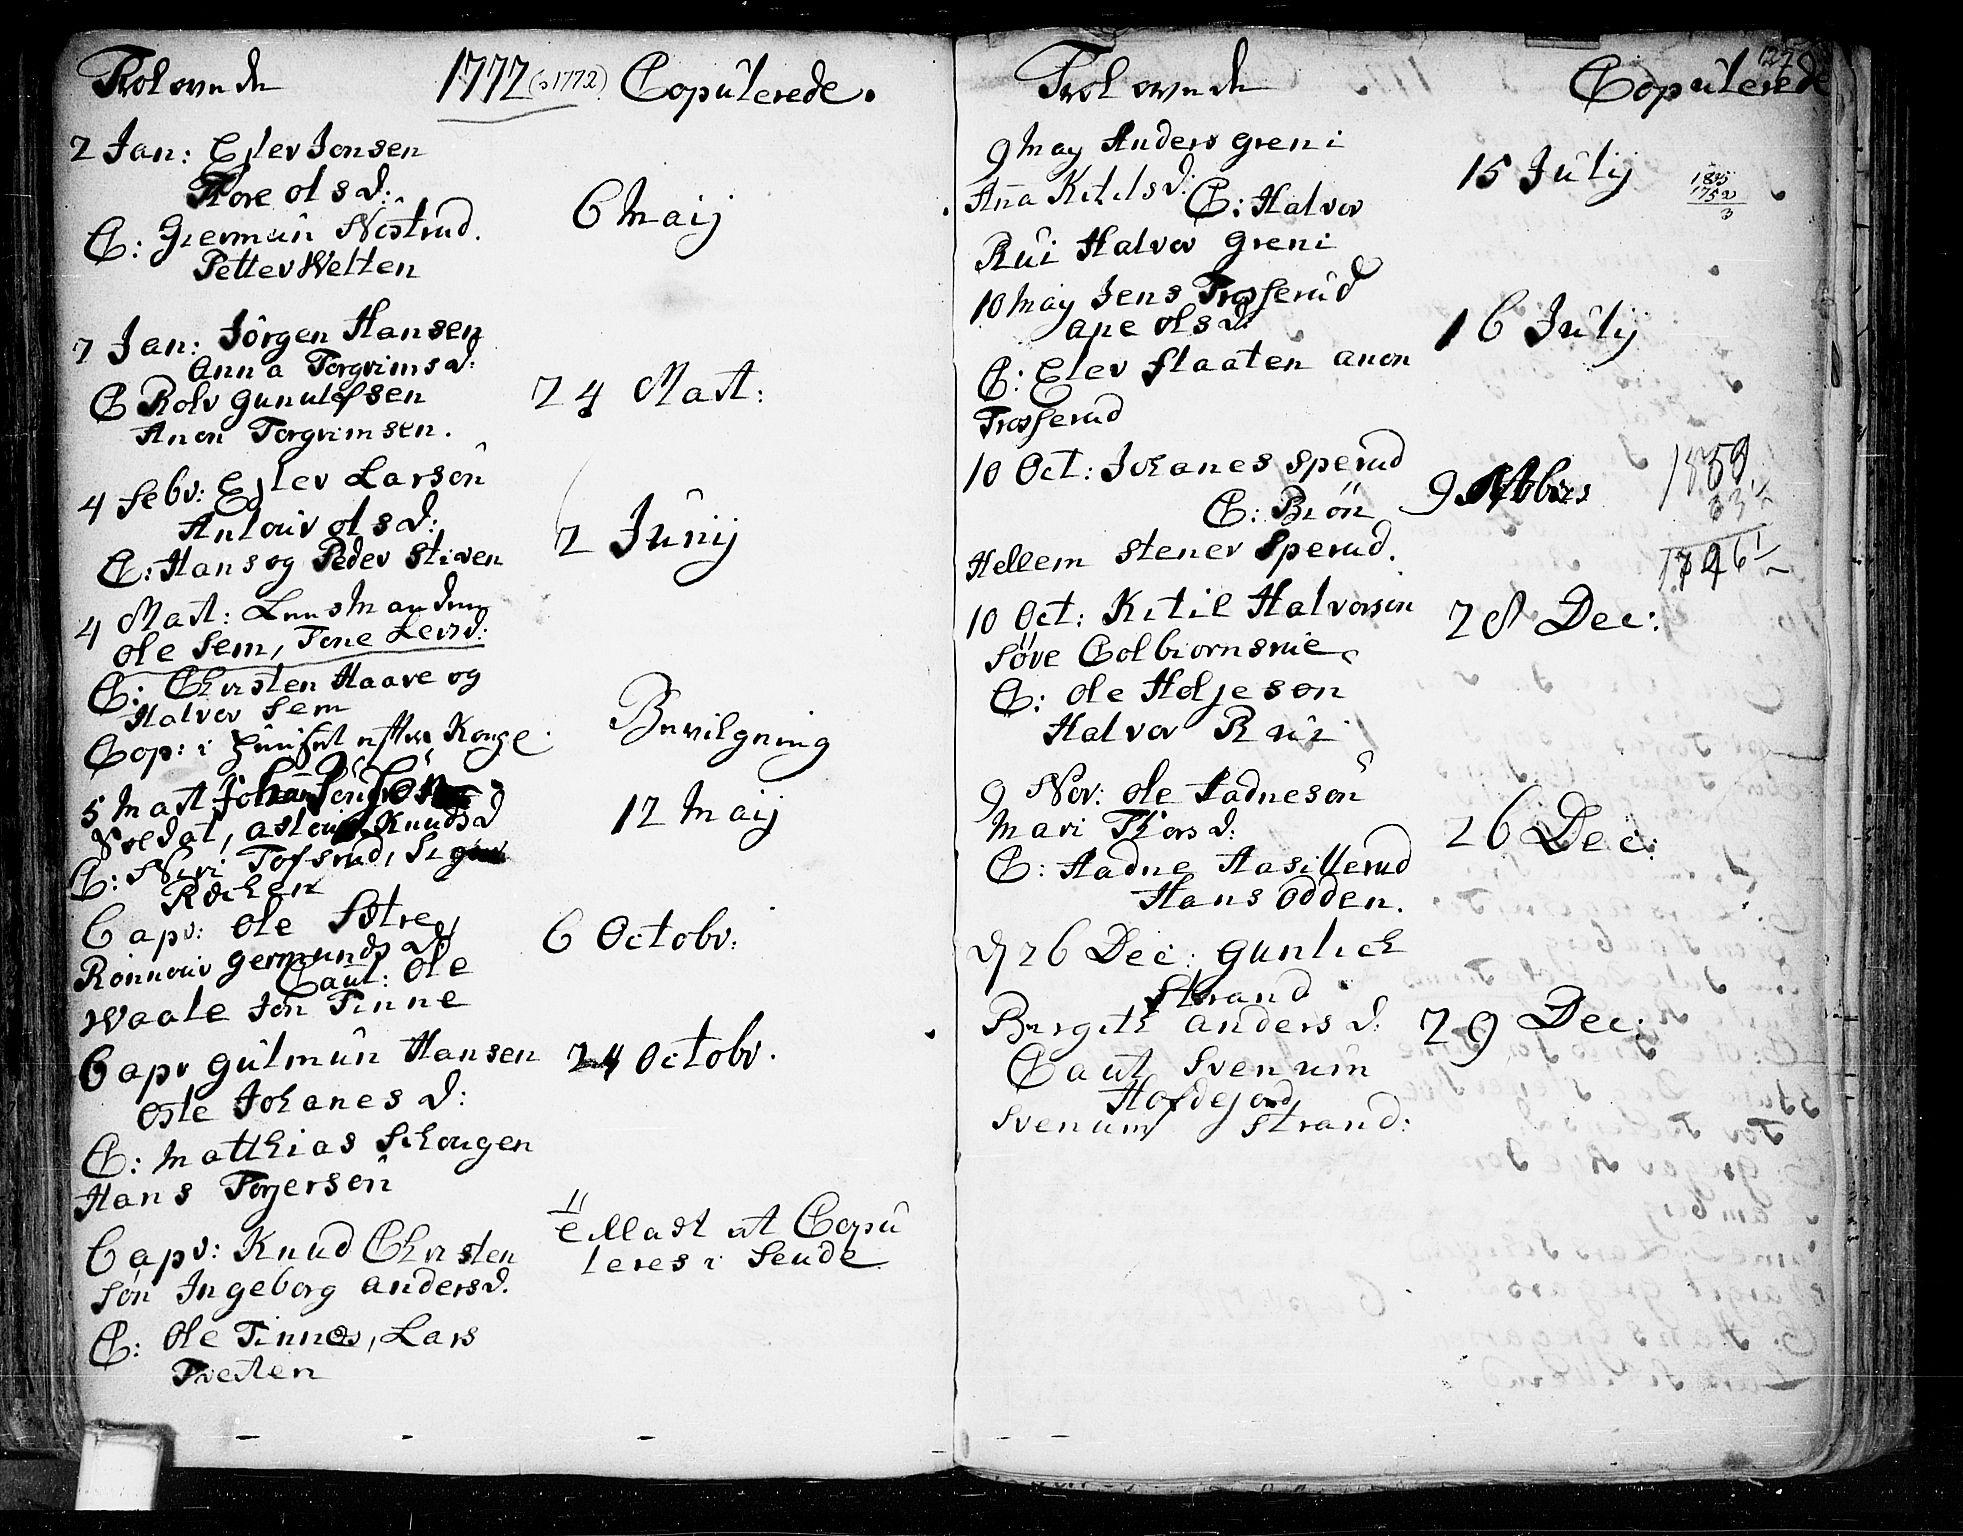 SAKO, Heddal kirkebøker, F/Fa/L0003: Ministerialbok nr. I 3, 1723-1783, s. 127